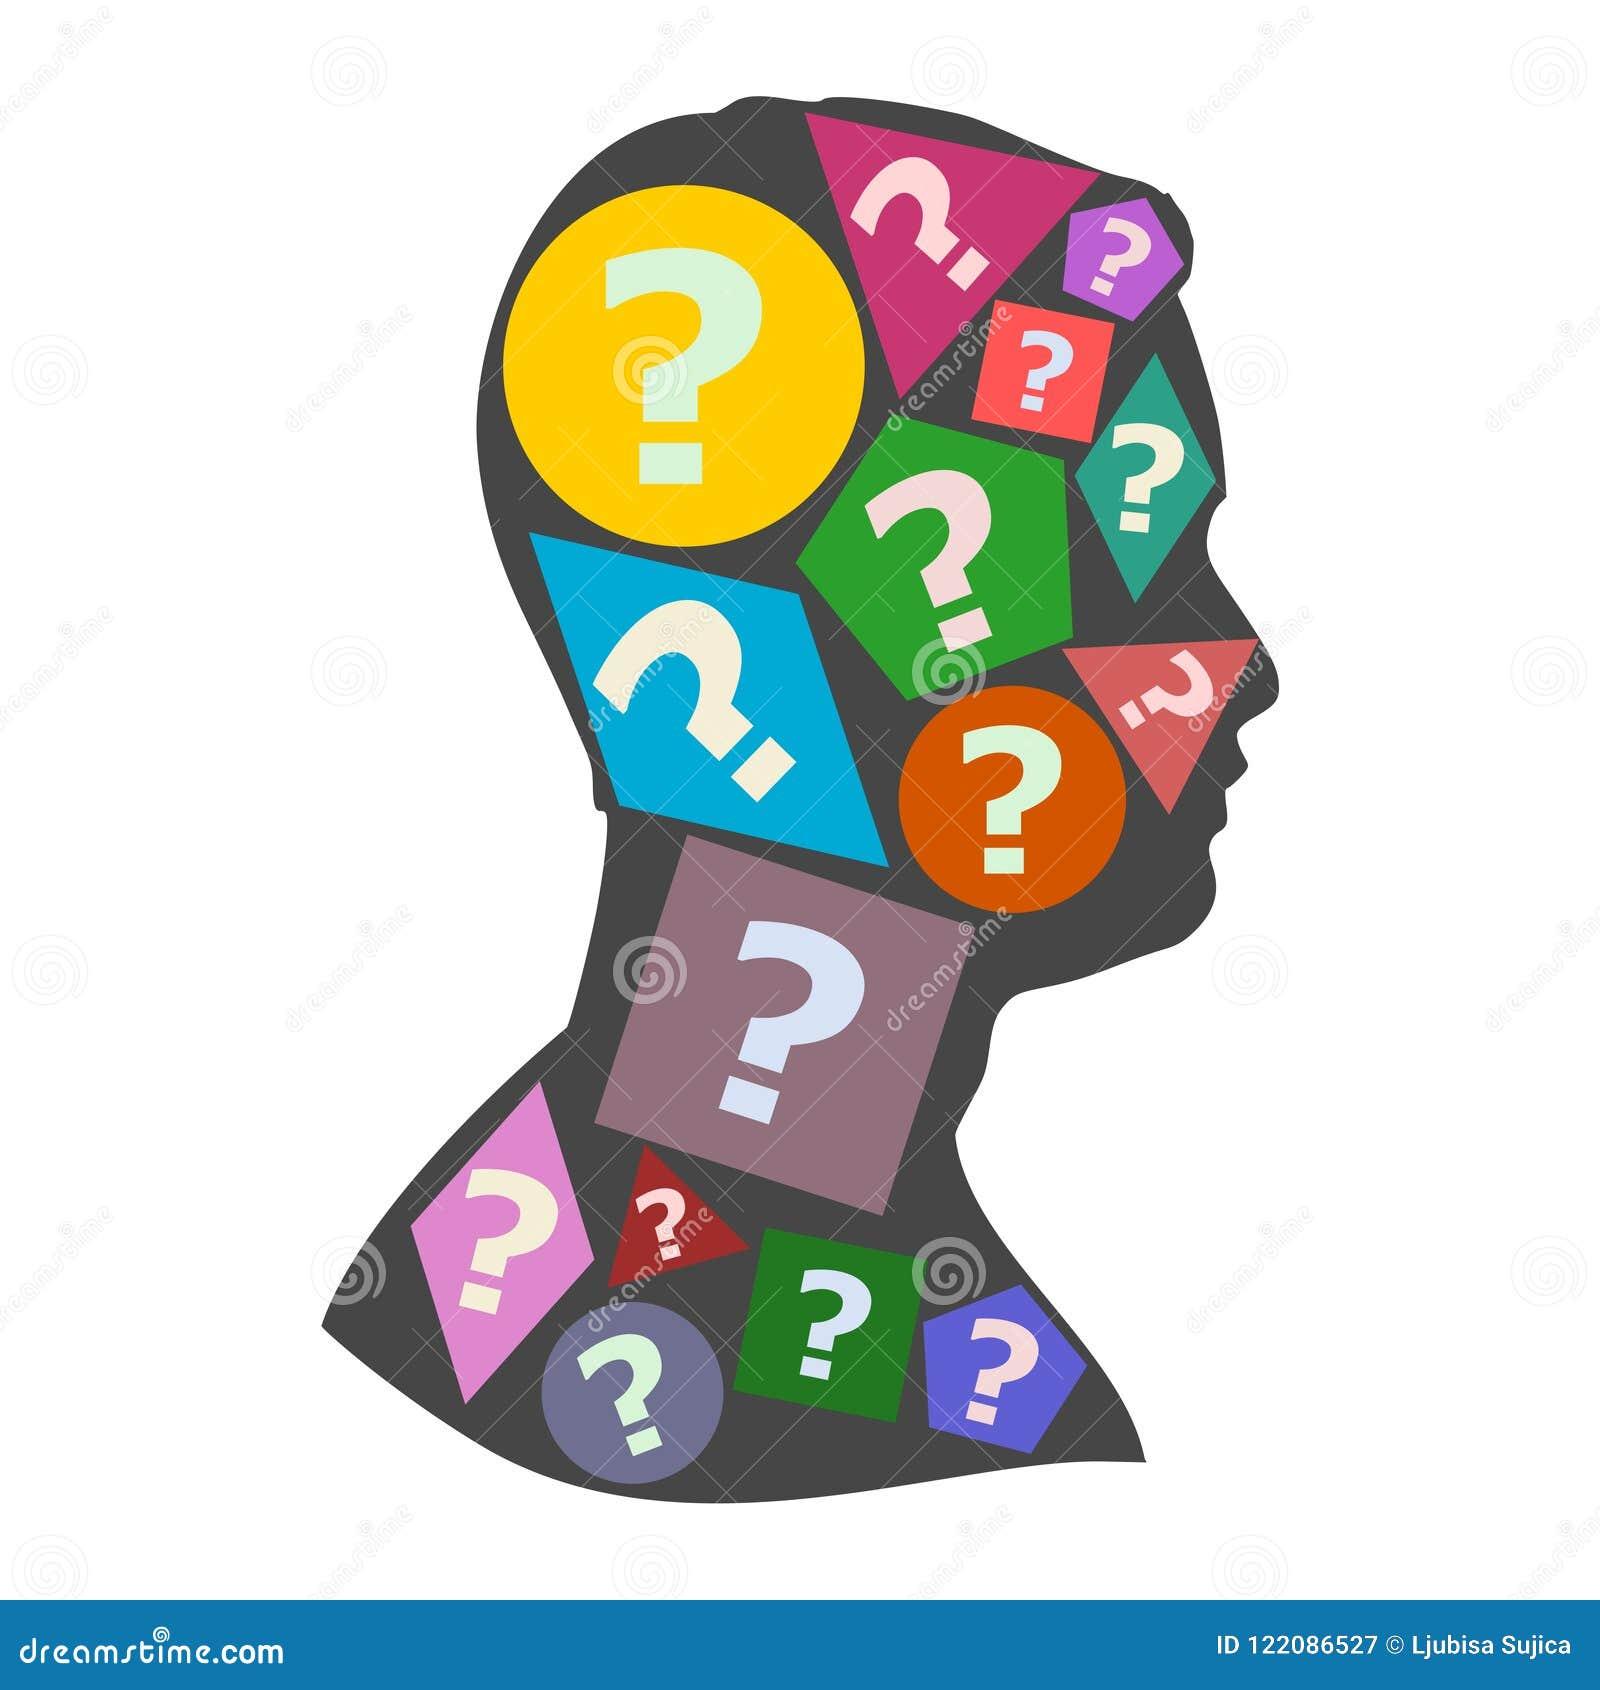 https://thumbs.dreamstime.com/z/silueta-de-una-cara-masculina-con-preguntas-el-perfil-principal-masculino-y-los-signos-interrogaci%C3%B3n-122086527.jpg